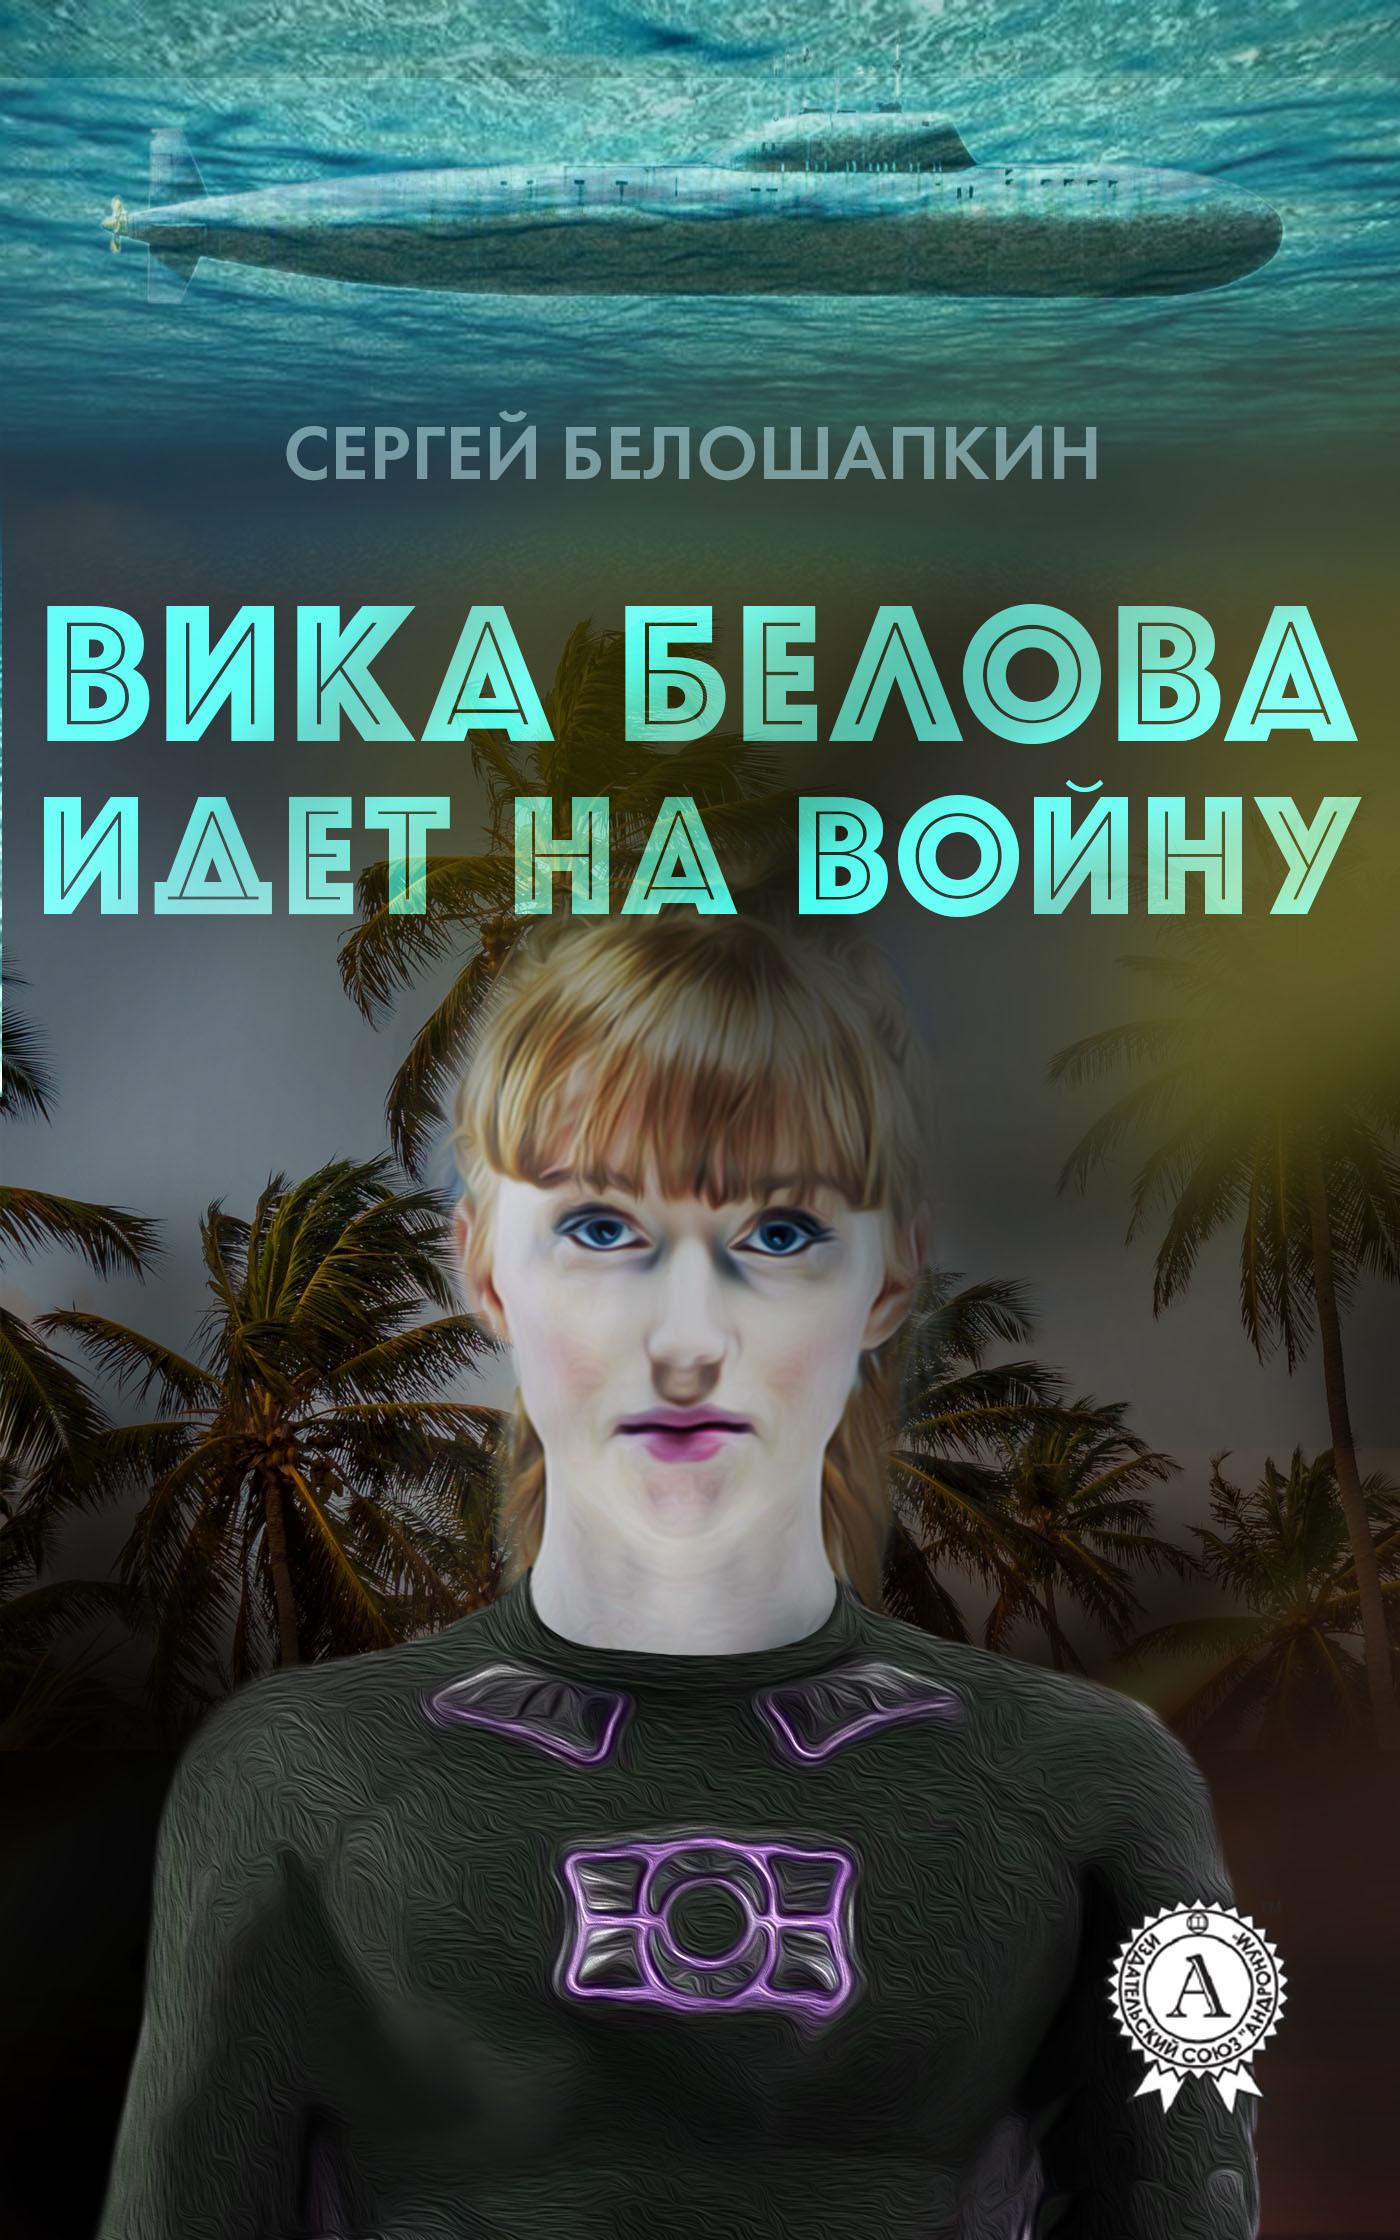 Сергей Белошапкин - Вика Белова идет на войну